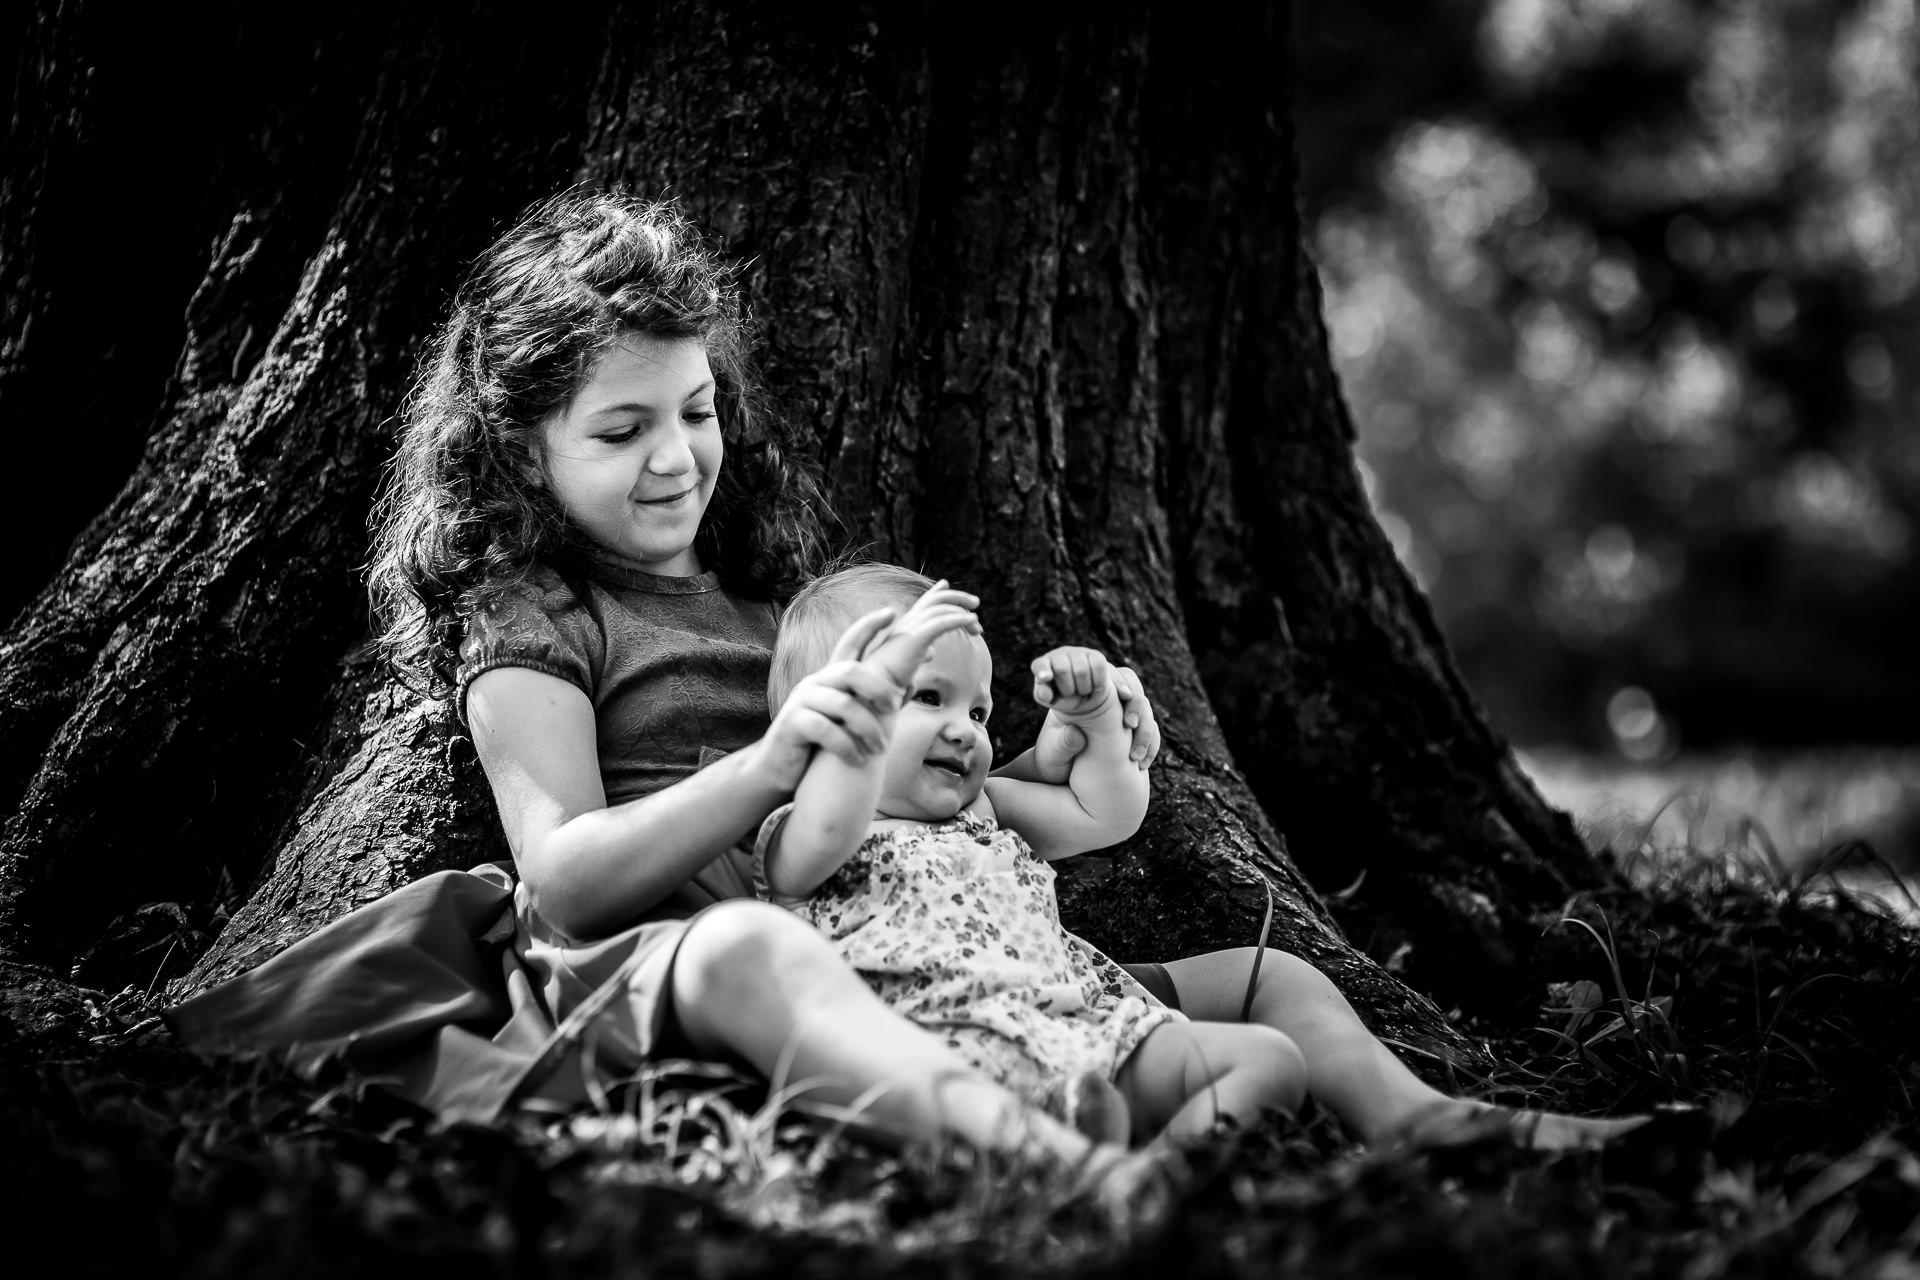 Şedinţă foto copii | Mihai Zaharia Photography - Fotografie de copii